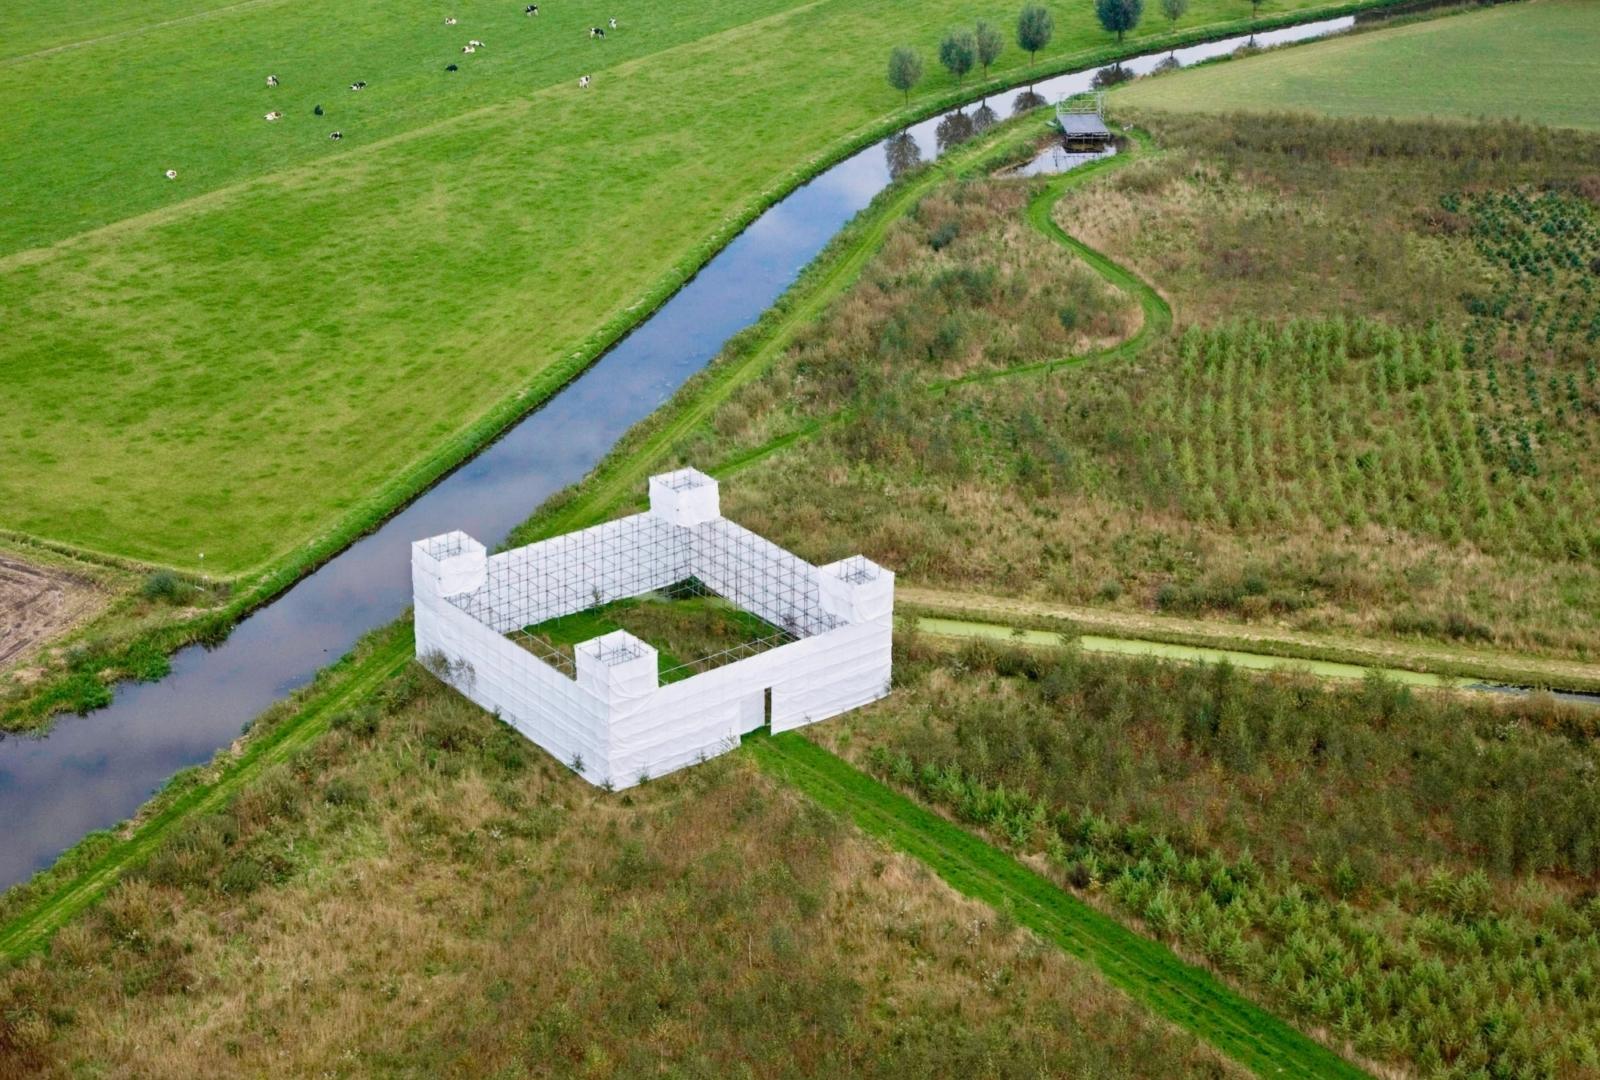 Maze de Boer De Constructie 6